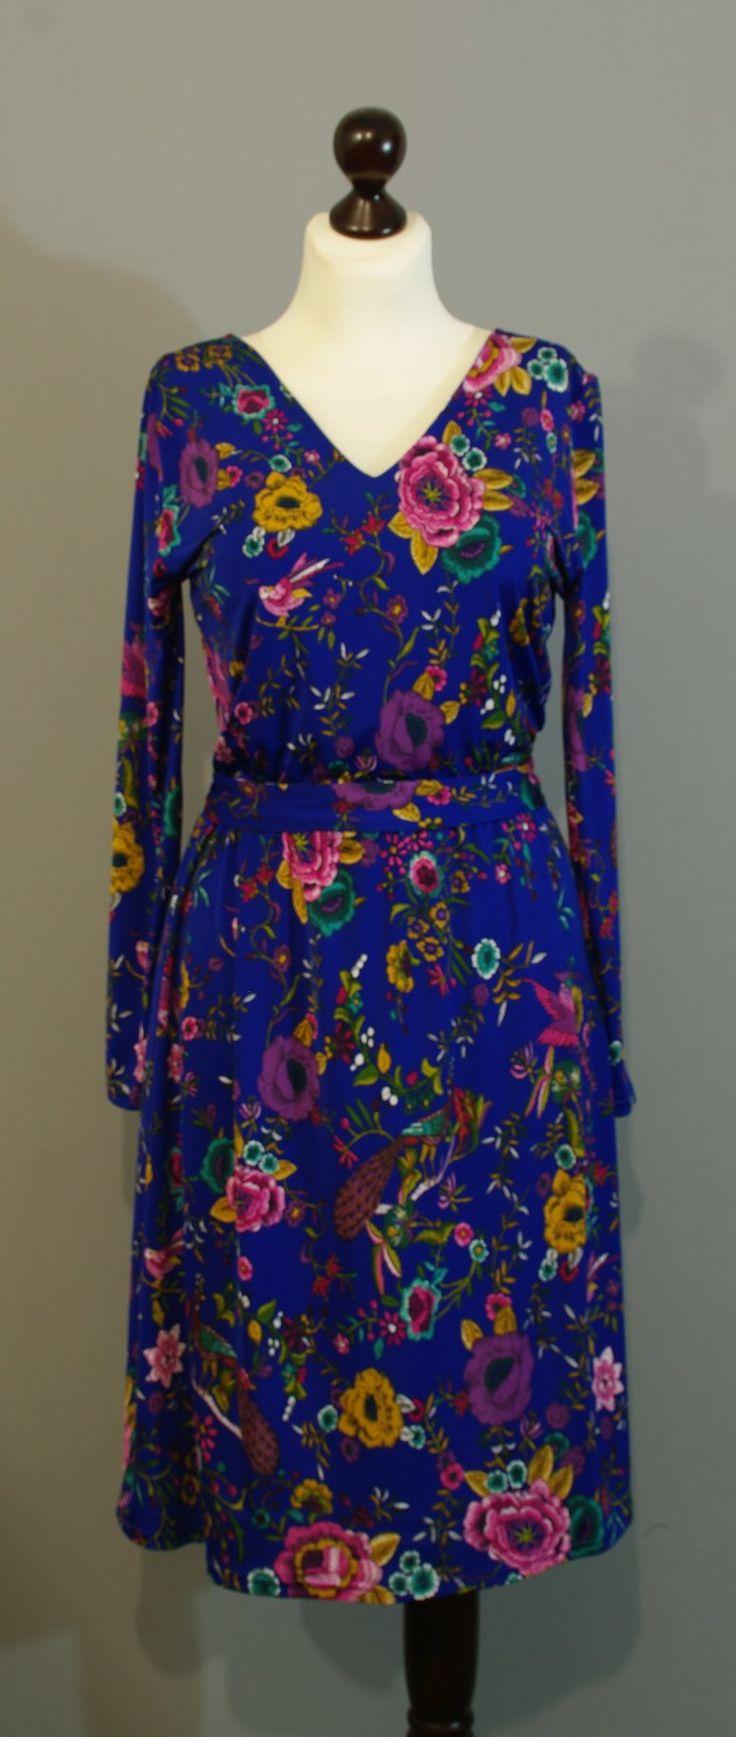 Расклешенное платье цвета индиго дизайнера Юлии, Платье-терапия Киев (41)